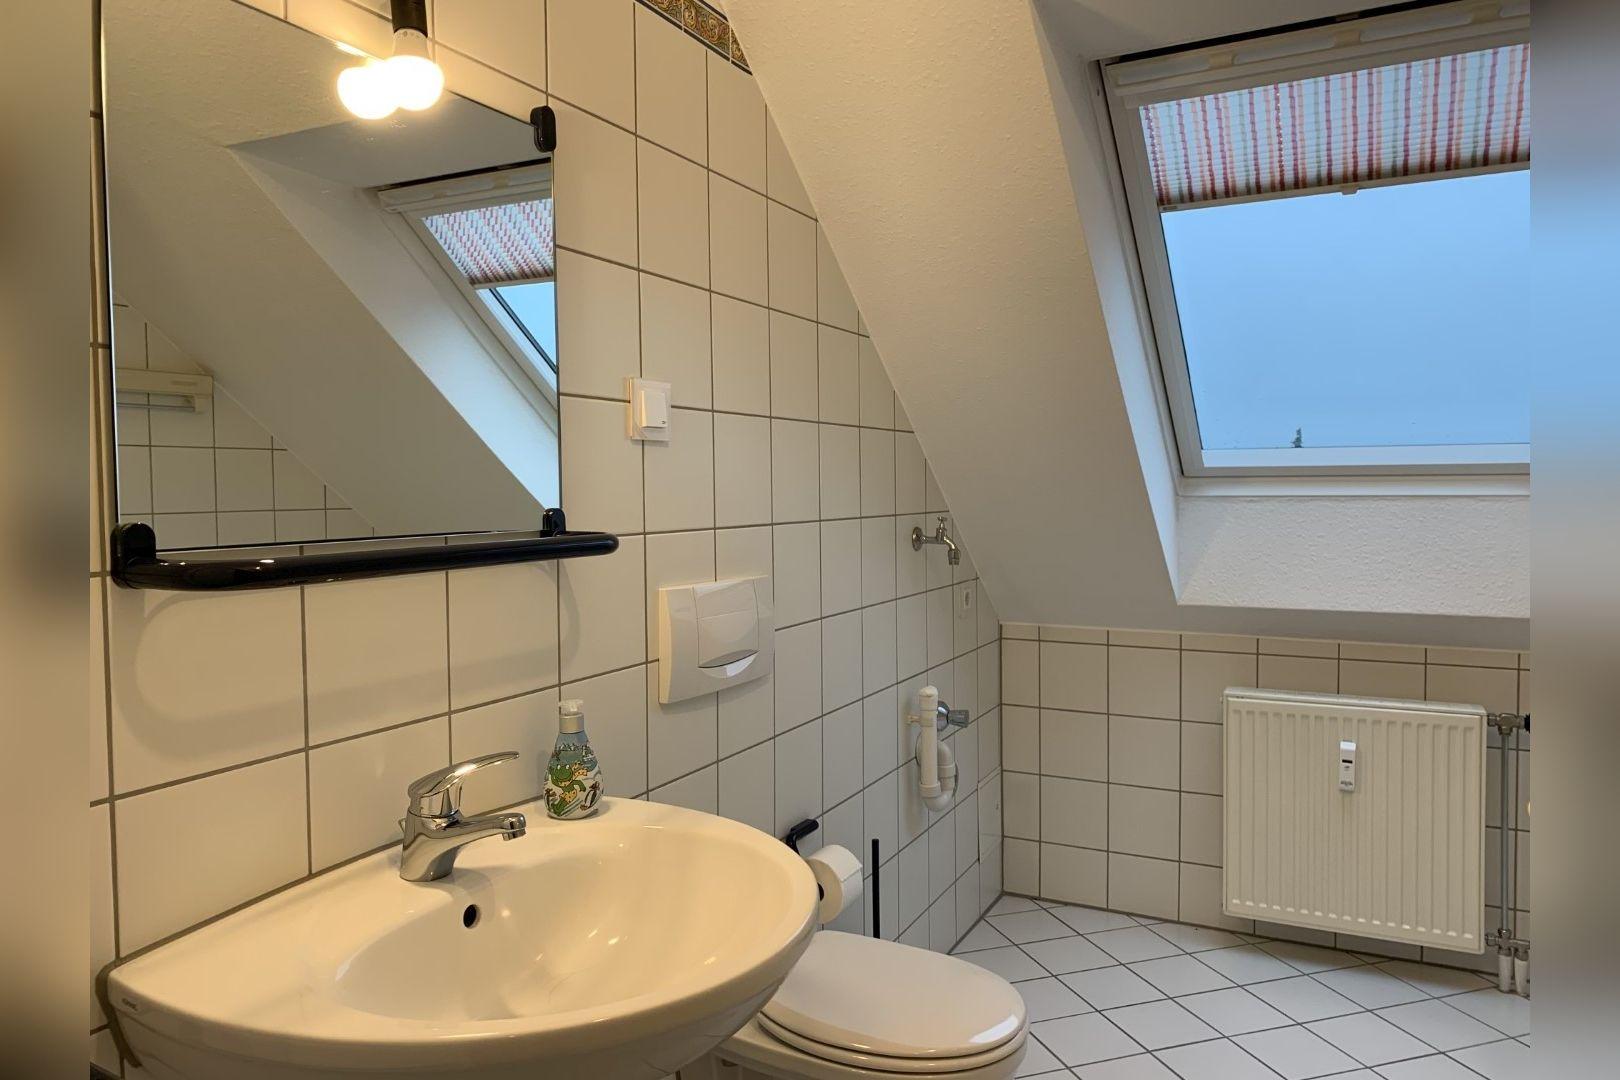 Immobilie Nr.0253 - 3-Zimmer-Maisonette-Wohnung  - Bild 12.jpg